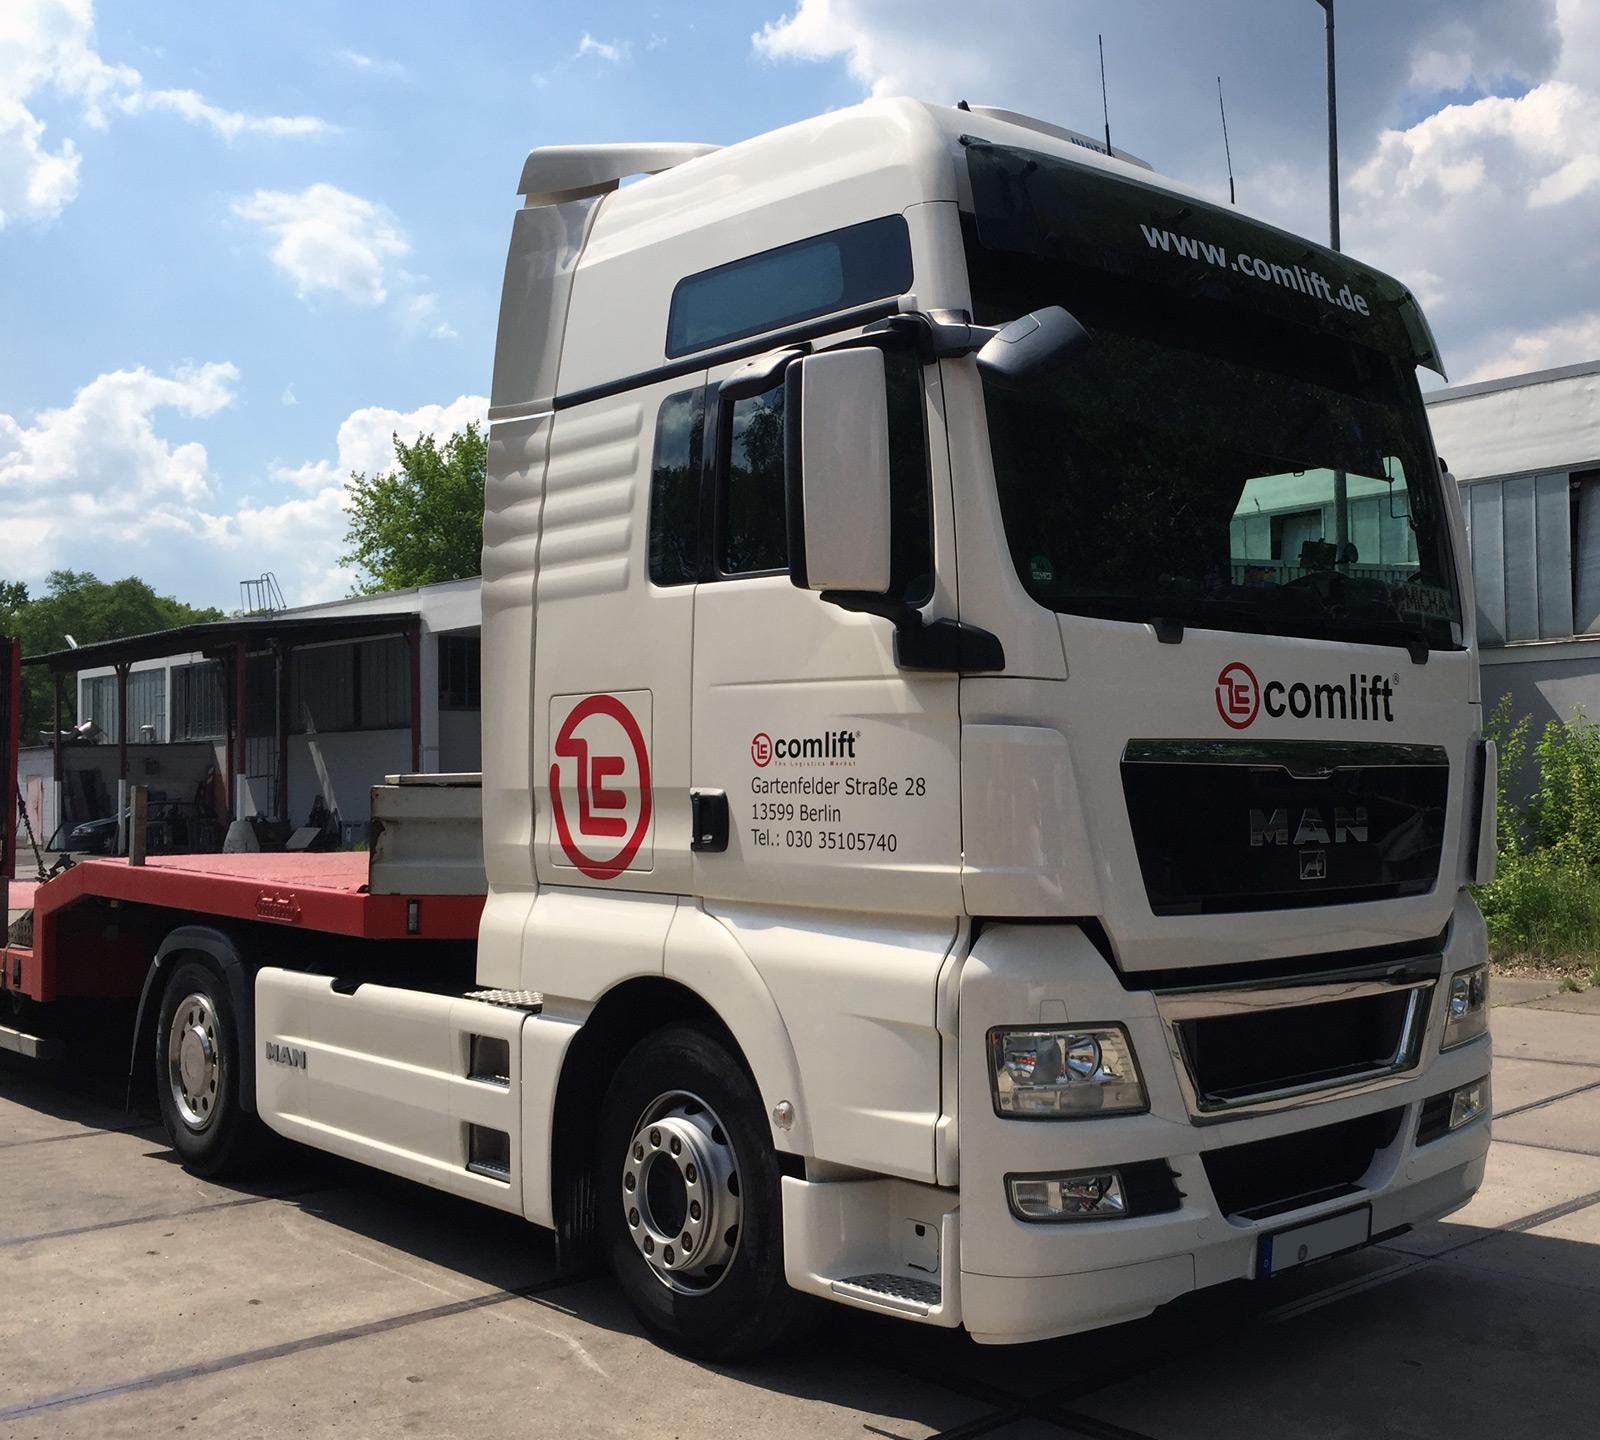 LKW-Beschriftung – Comlift GmbH